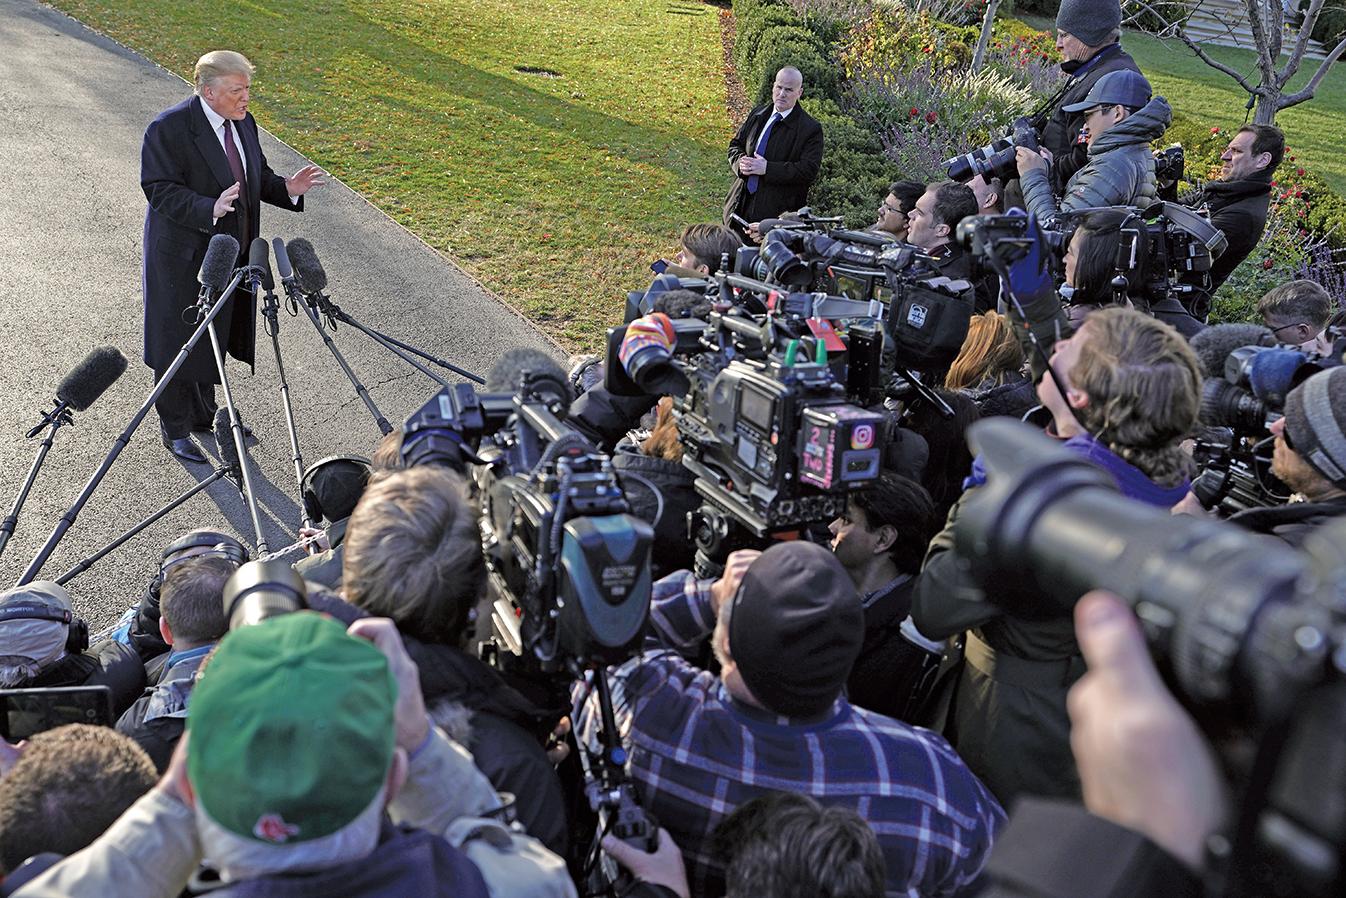 周二(11月20日),特朗普總統在白宮外對記者發表了措辭激烈的評論,強烈譴責有自由主義傾向的第九巡迴上訴法院(Ninth Circuit Court of Appeals)。(Getty Images)